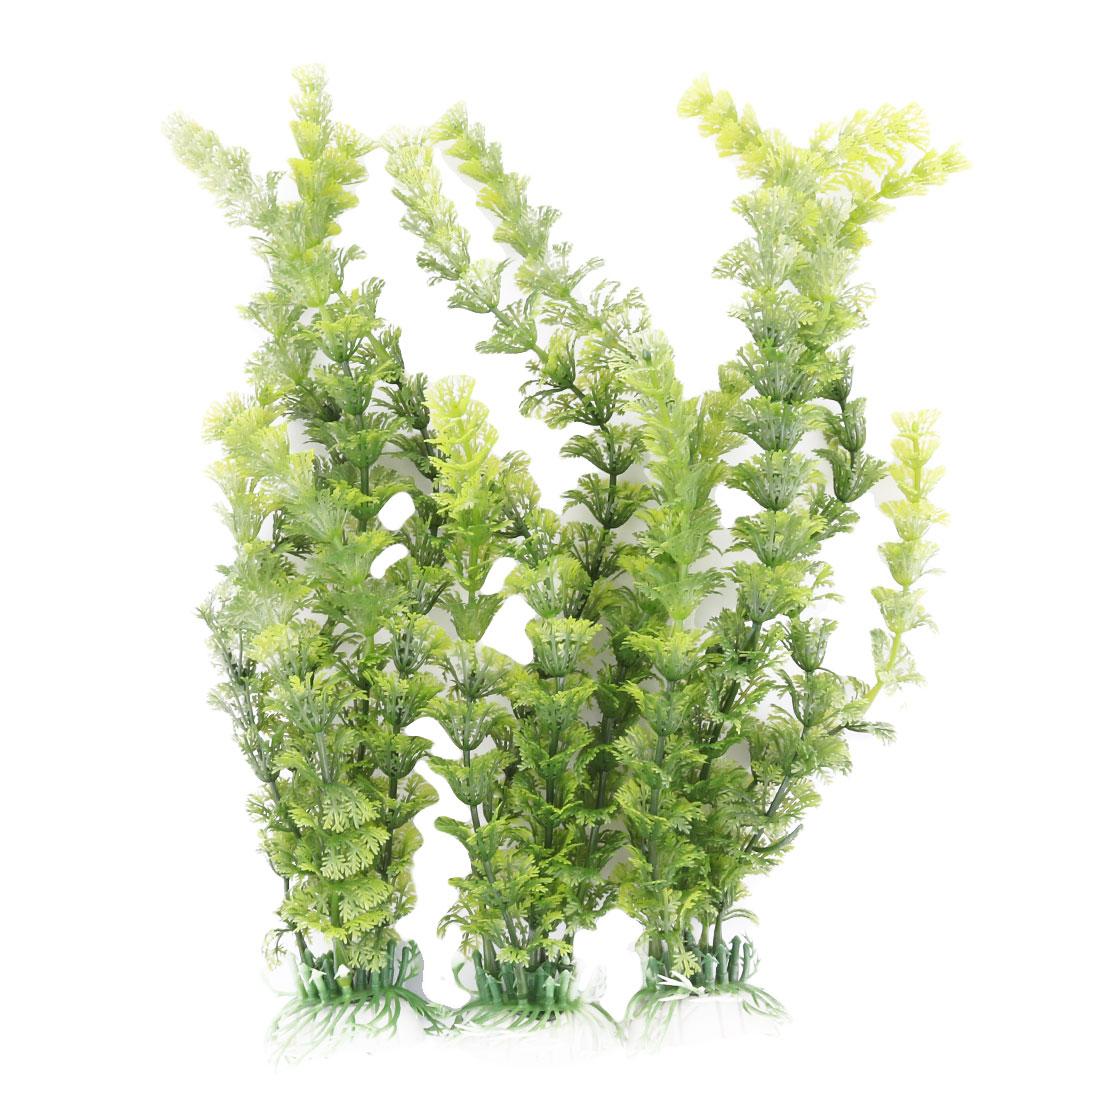 Aquarium Ceramic Base Plastic Artificial Water Grass Plant Ornament Green 3 Pcs